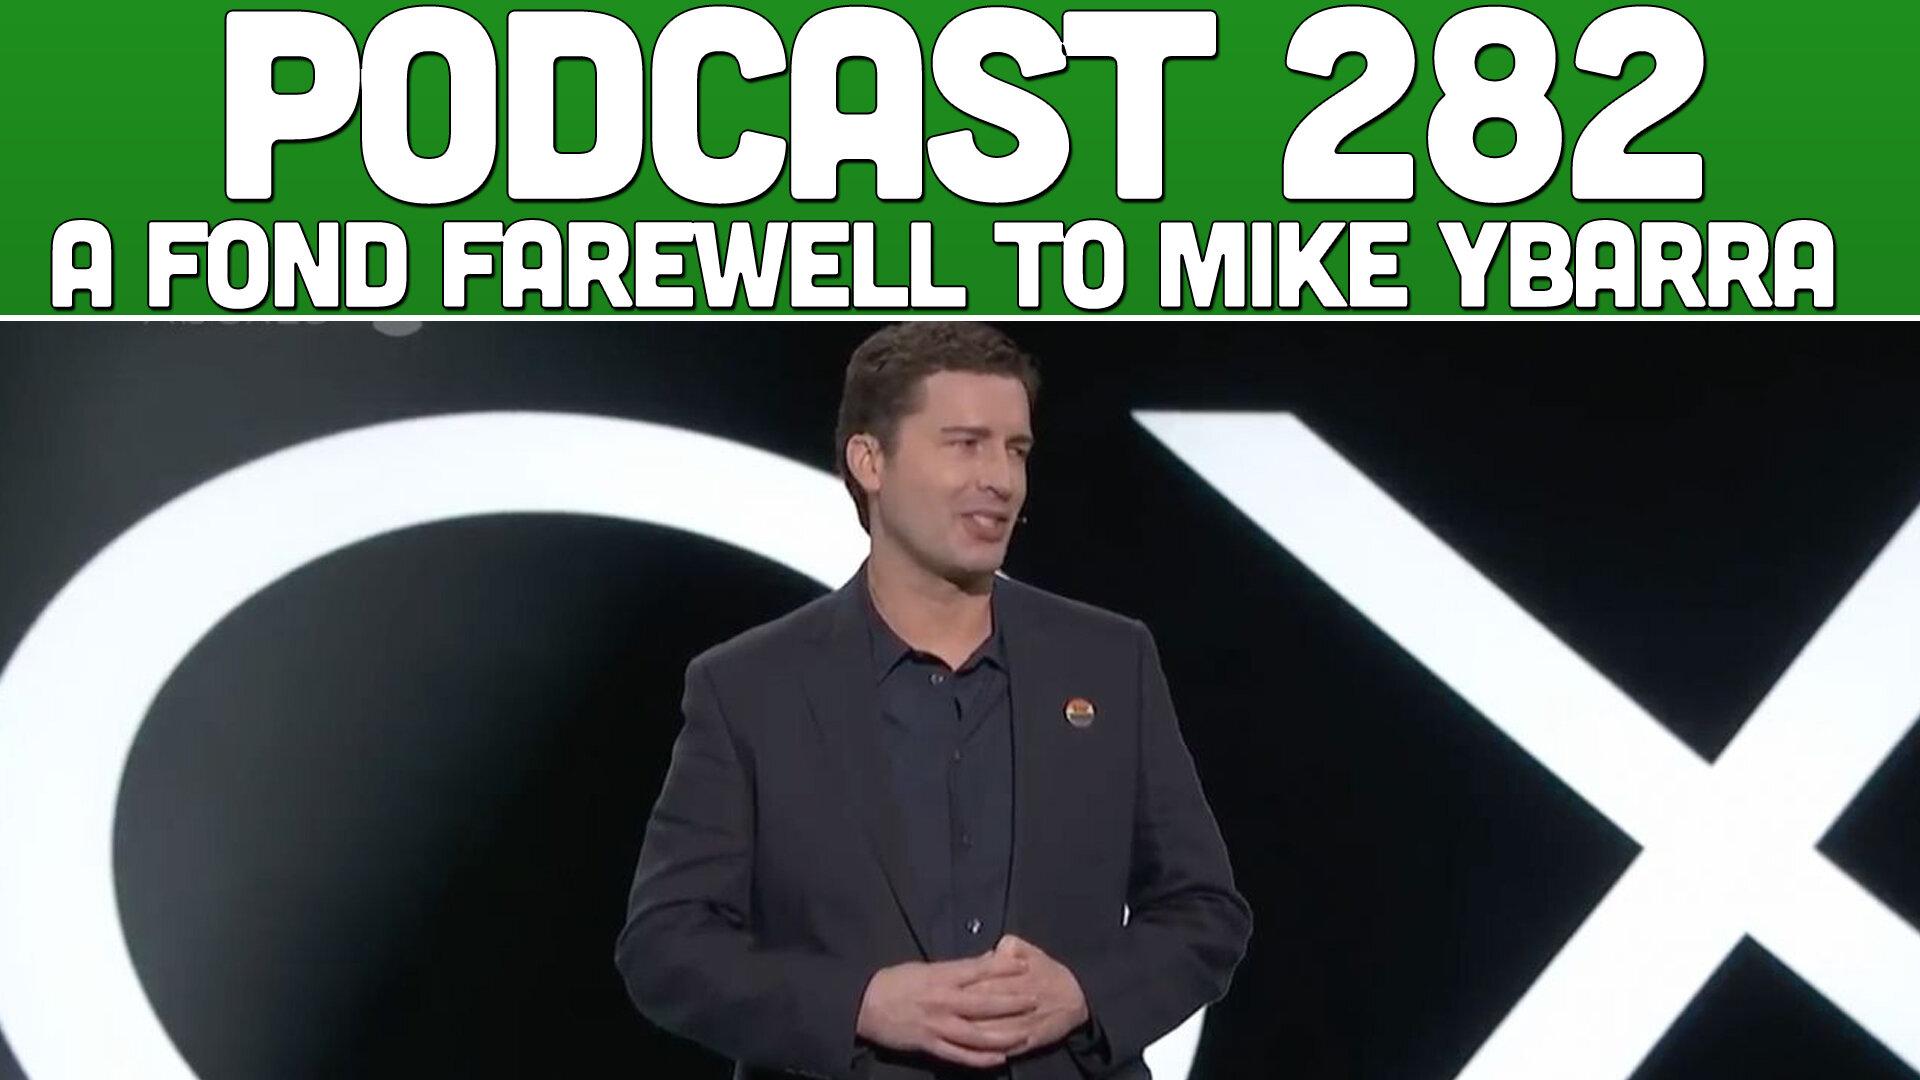 podcast 282.jpg